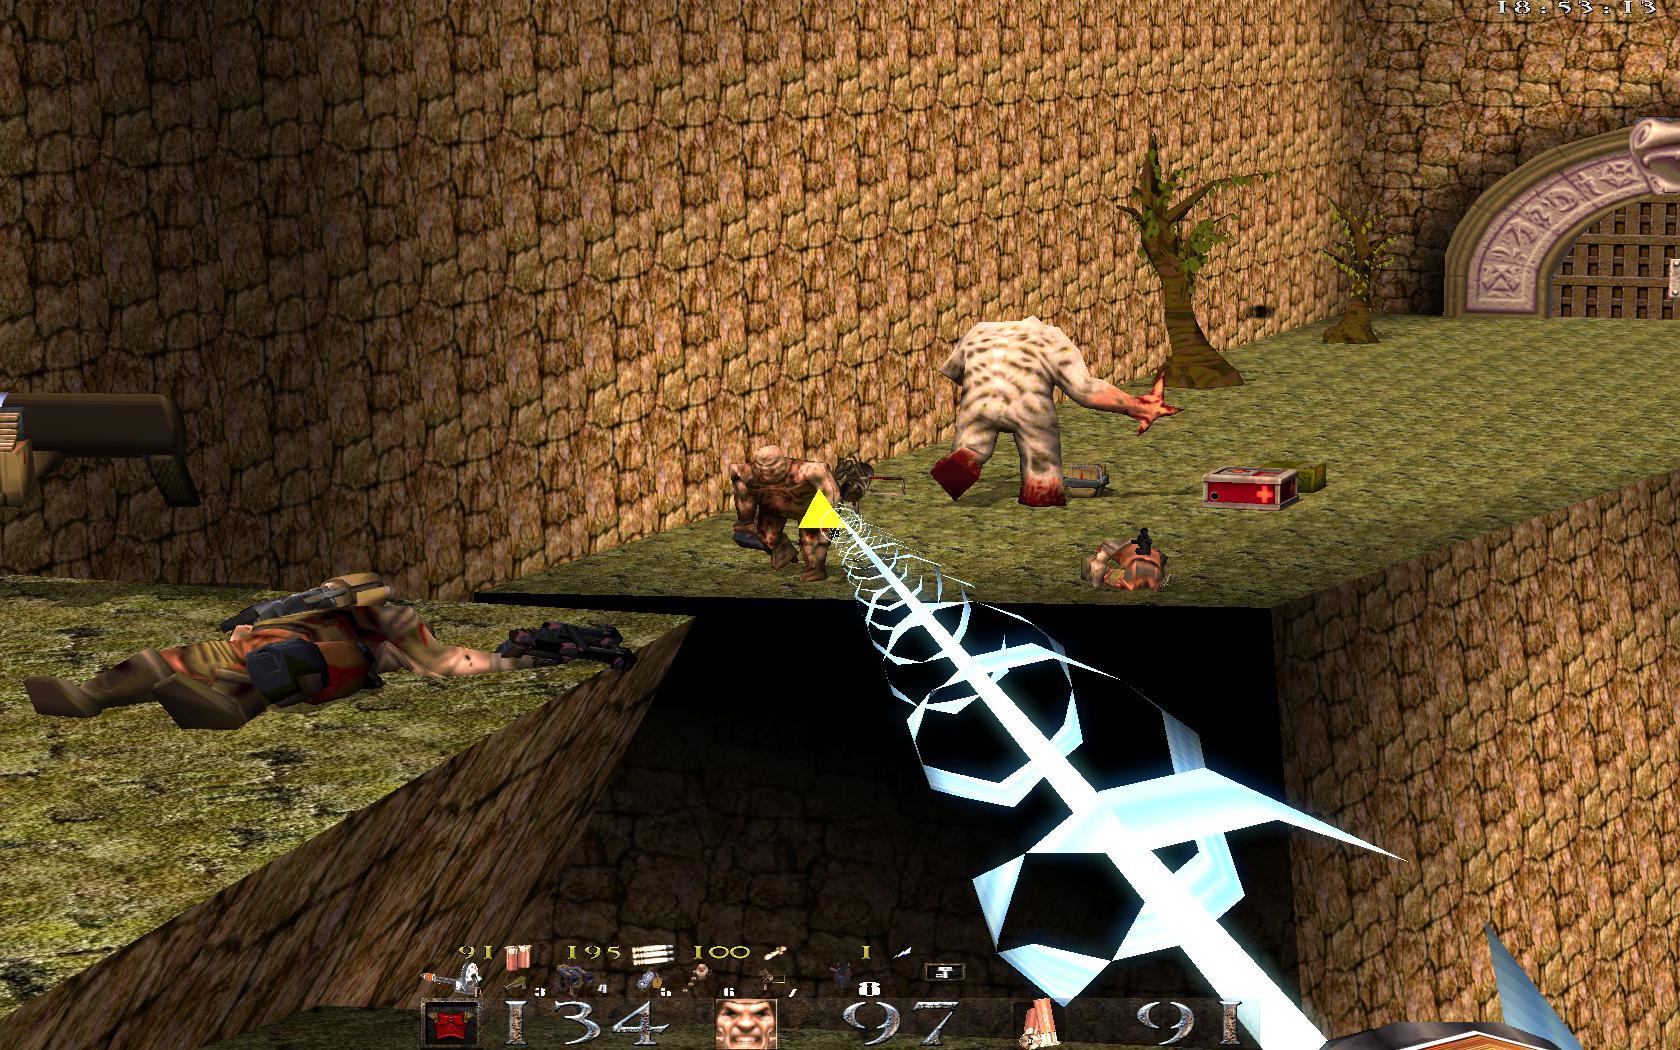 Quake Mountain addon for Quake 1 (qrack port) - рельса невероятно кривая, реально стрелять только в упор - Quake Мод